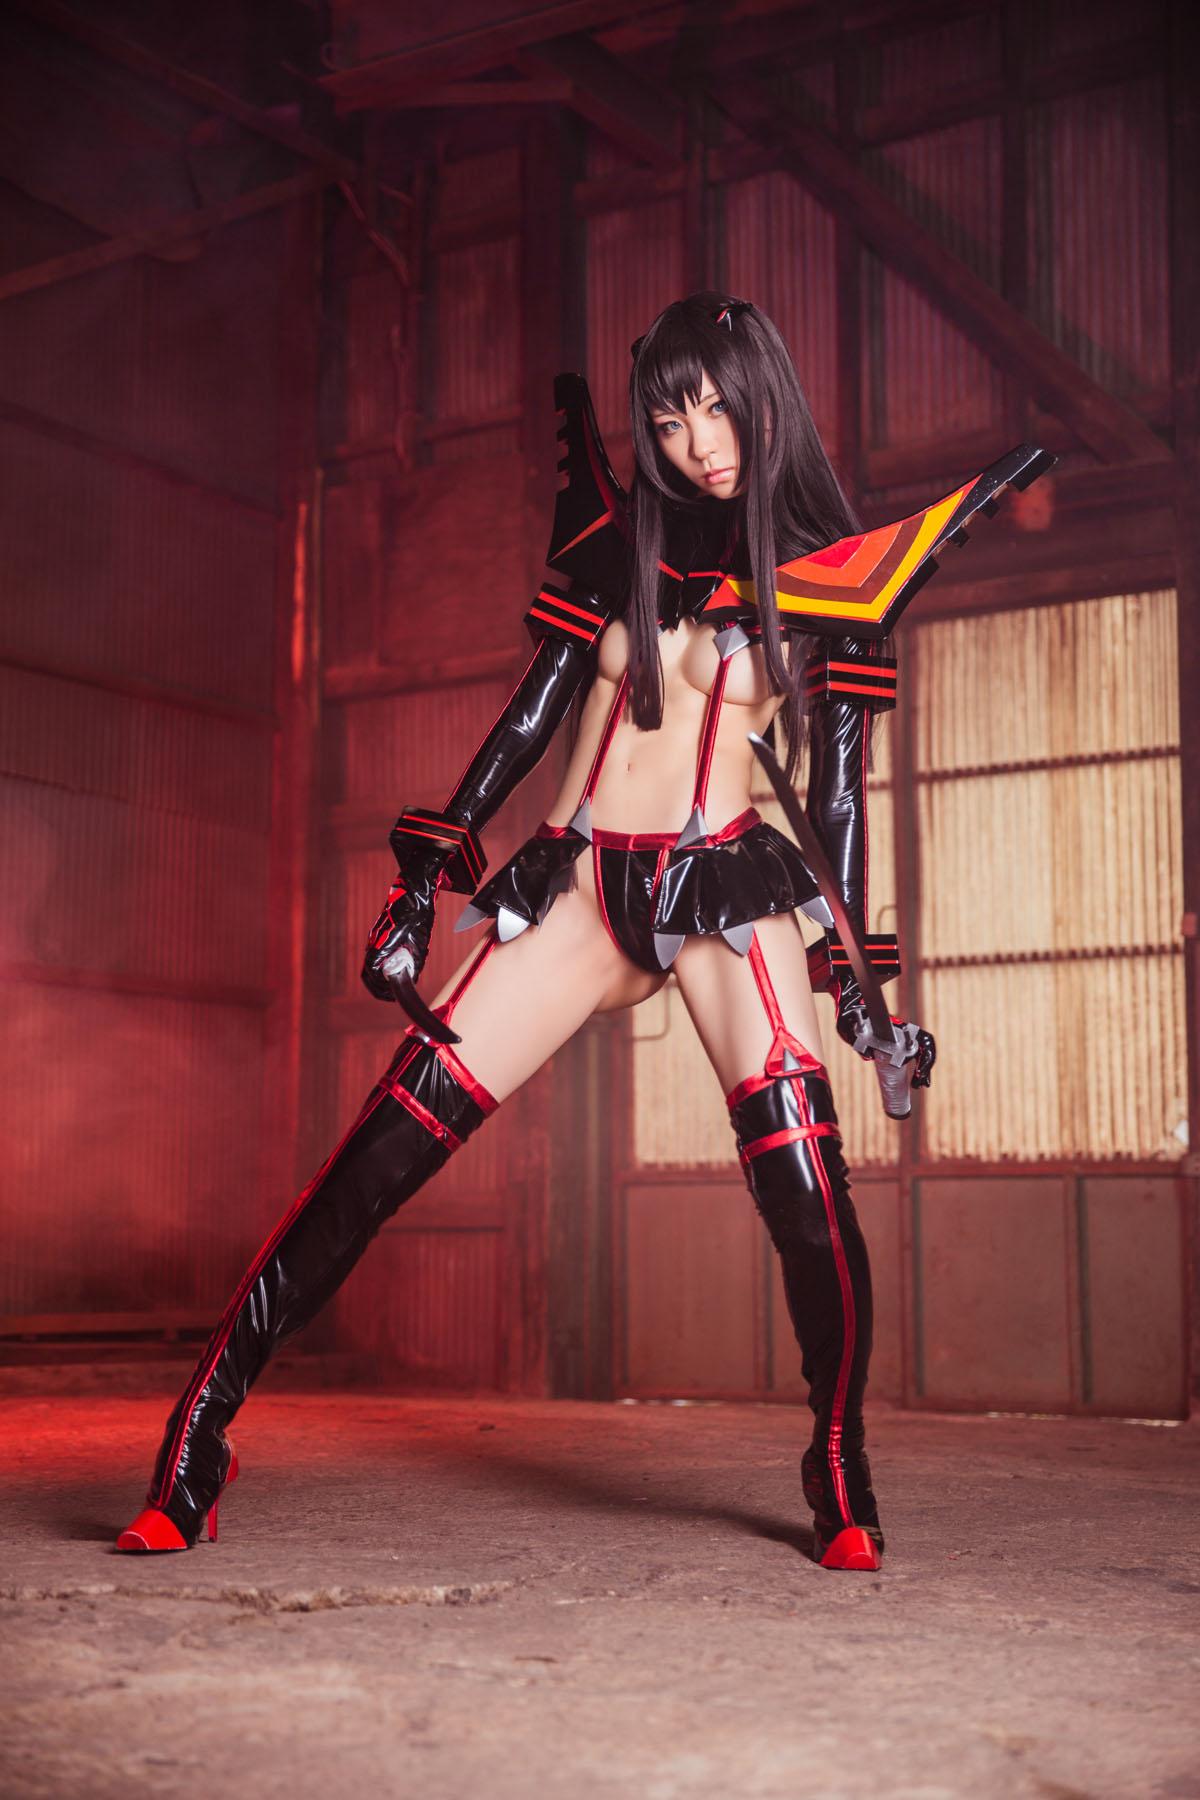 Kill la Kill Satsuki Kiryuuin anime cosplay by Mikehouse 0025